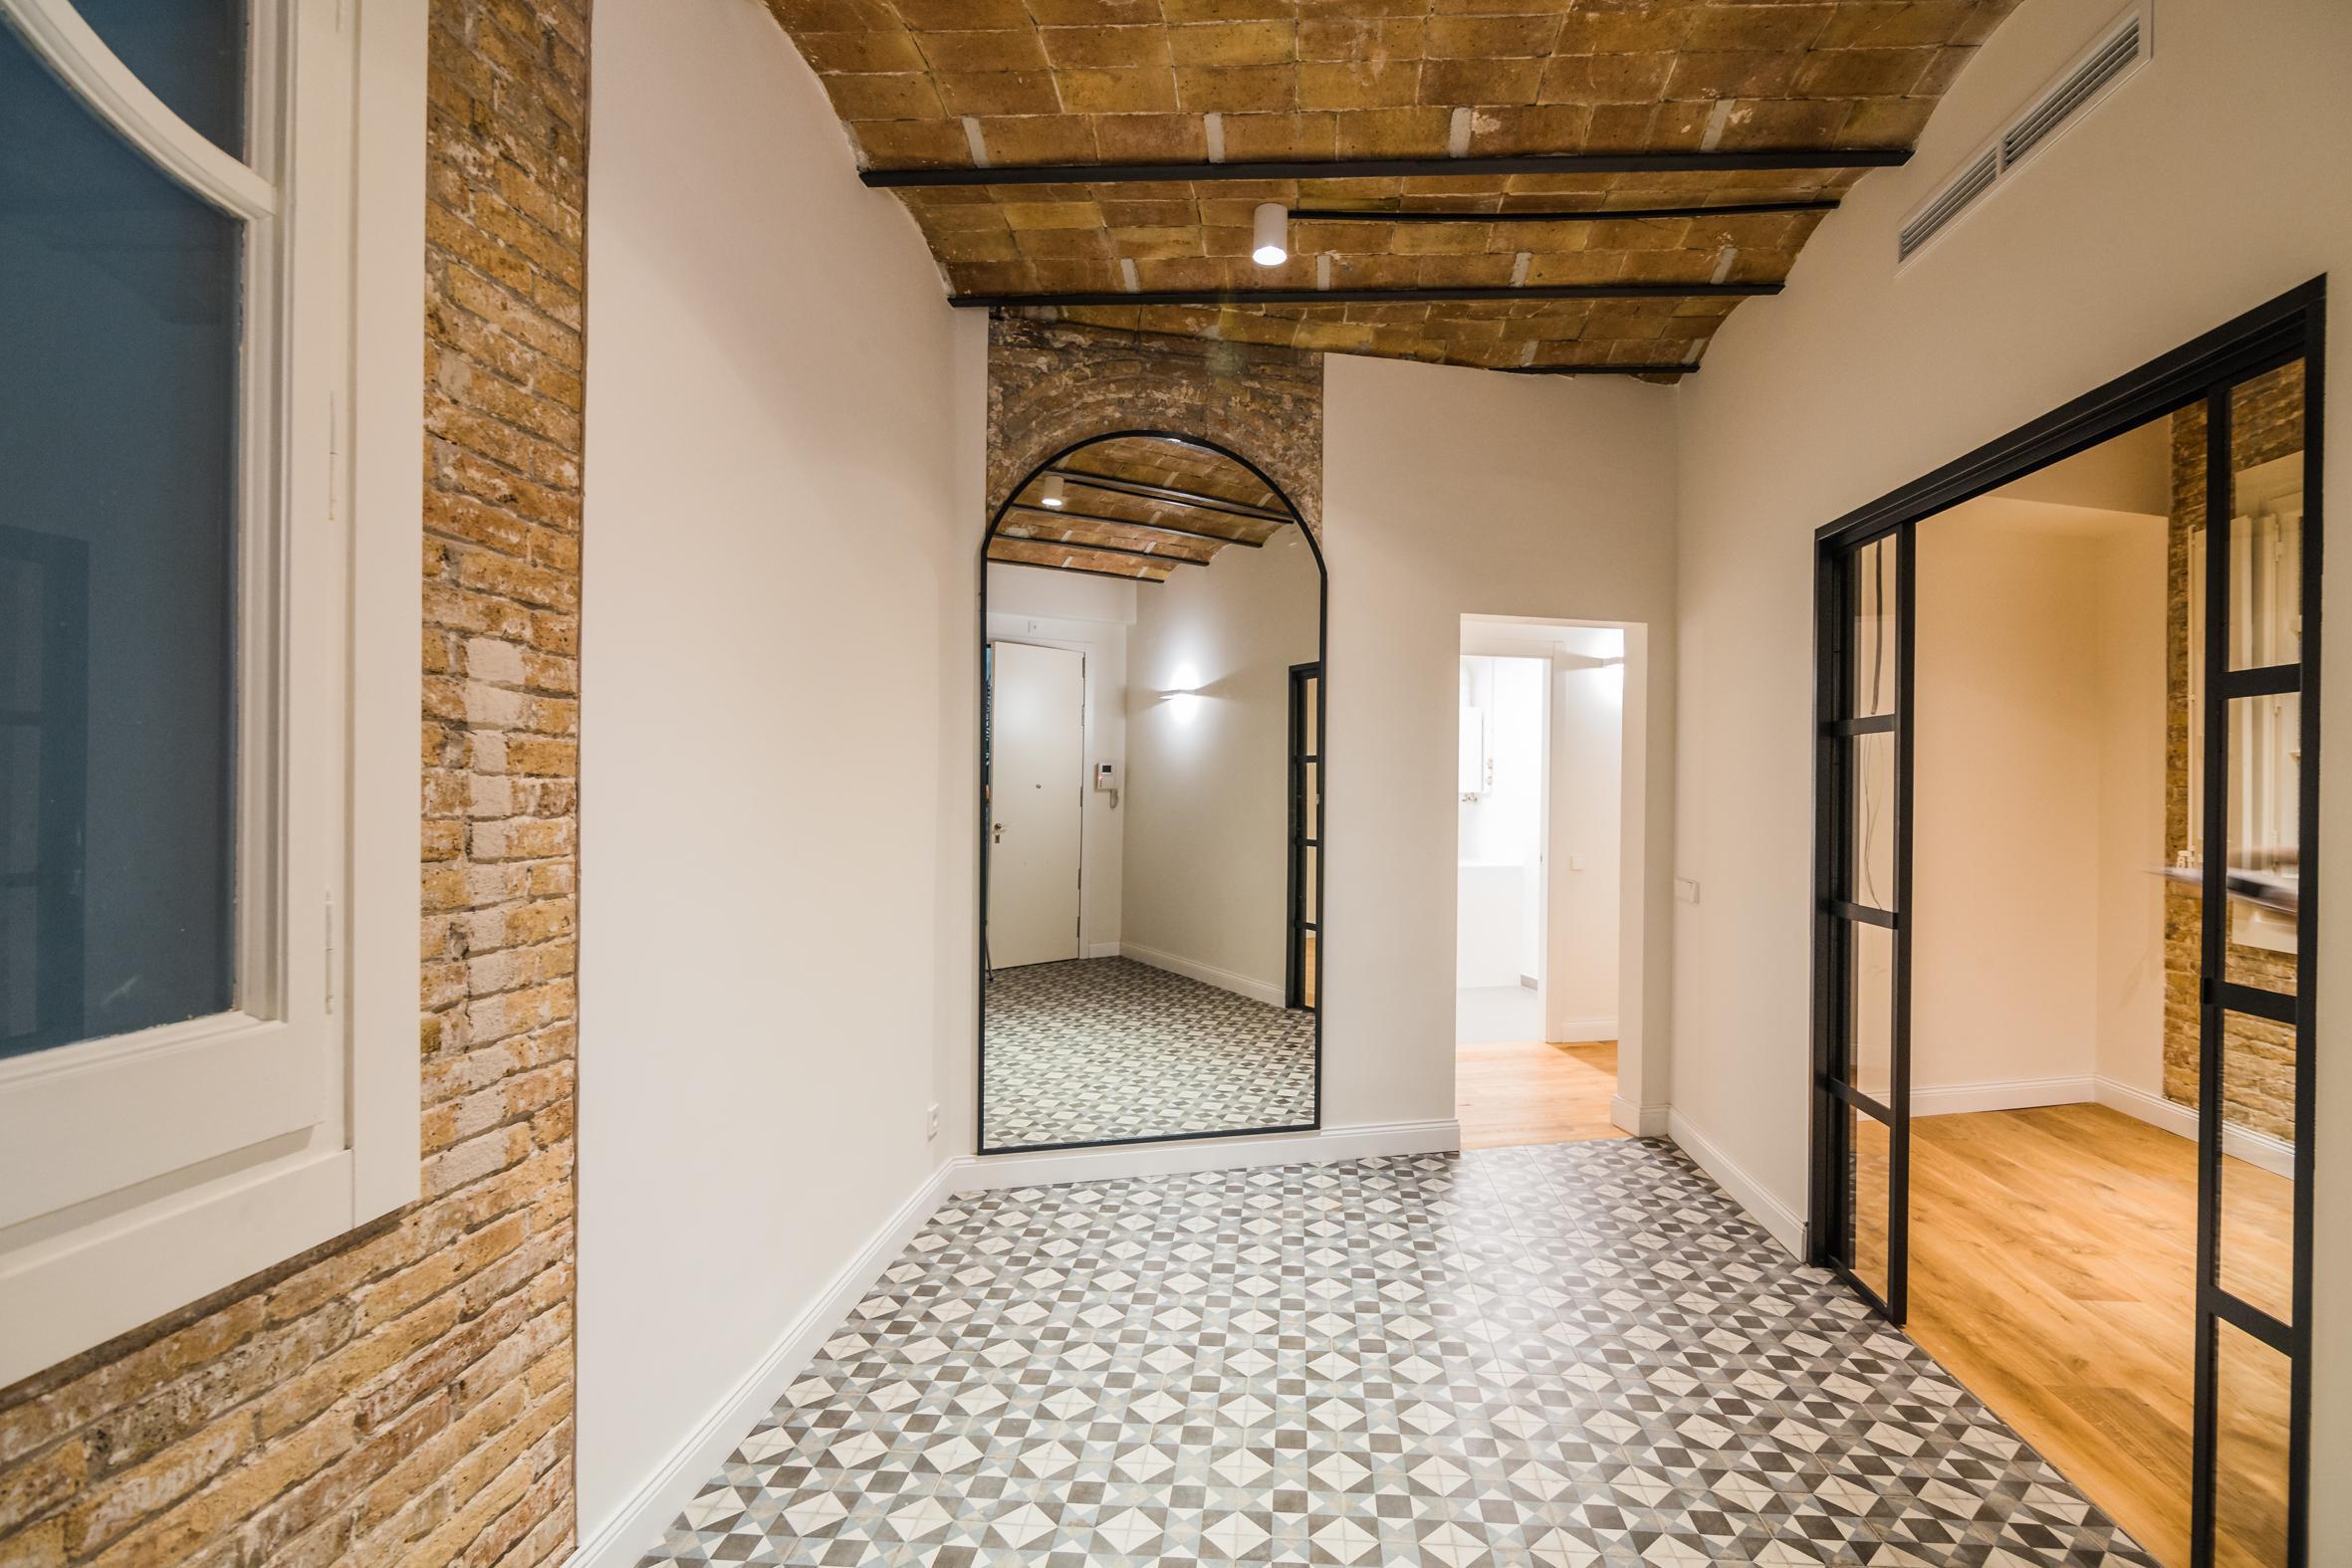 211338 Piso en venda en Ciutat Vella, St. Pere St. Caterina i La Ribera 2